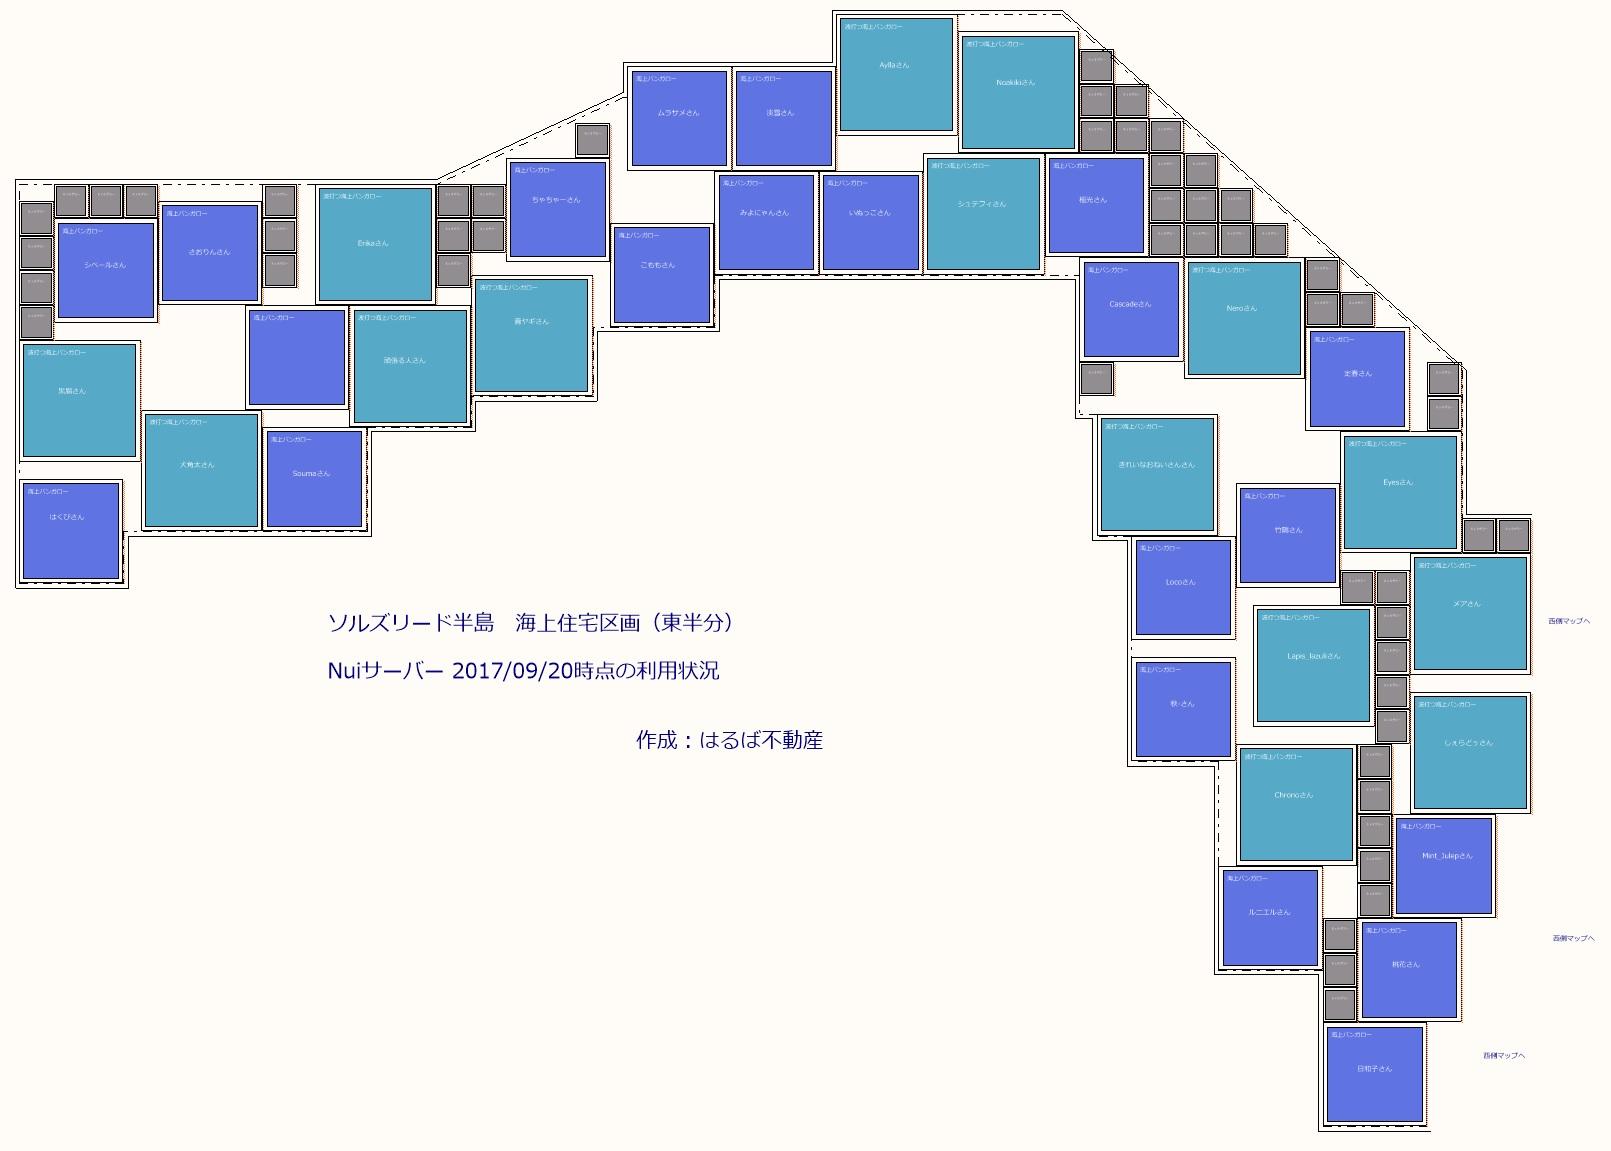 ソルズリード海上住宅区画(東半分).jpg